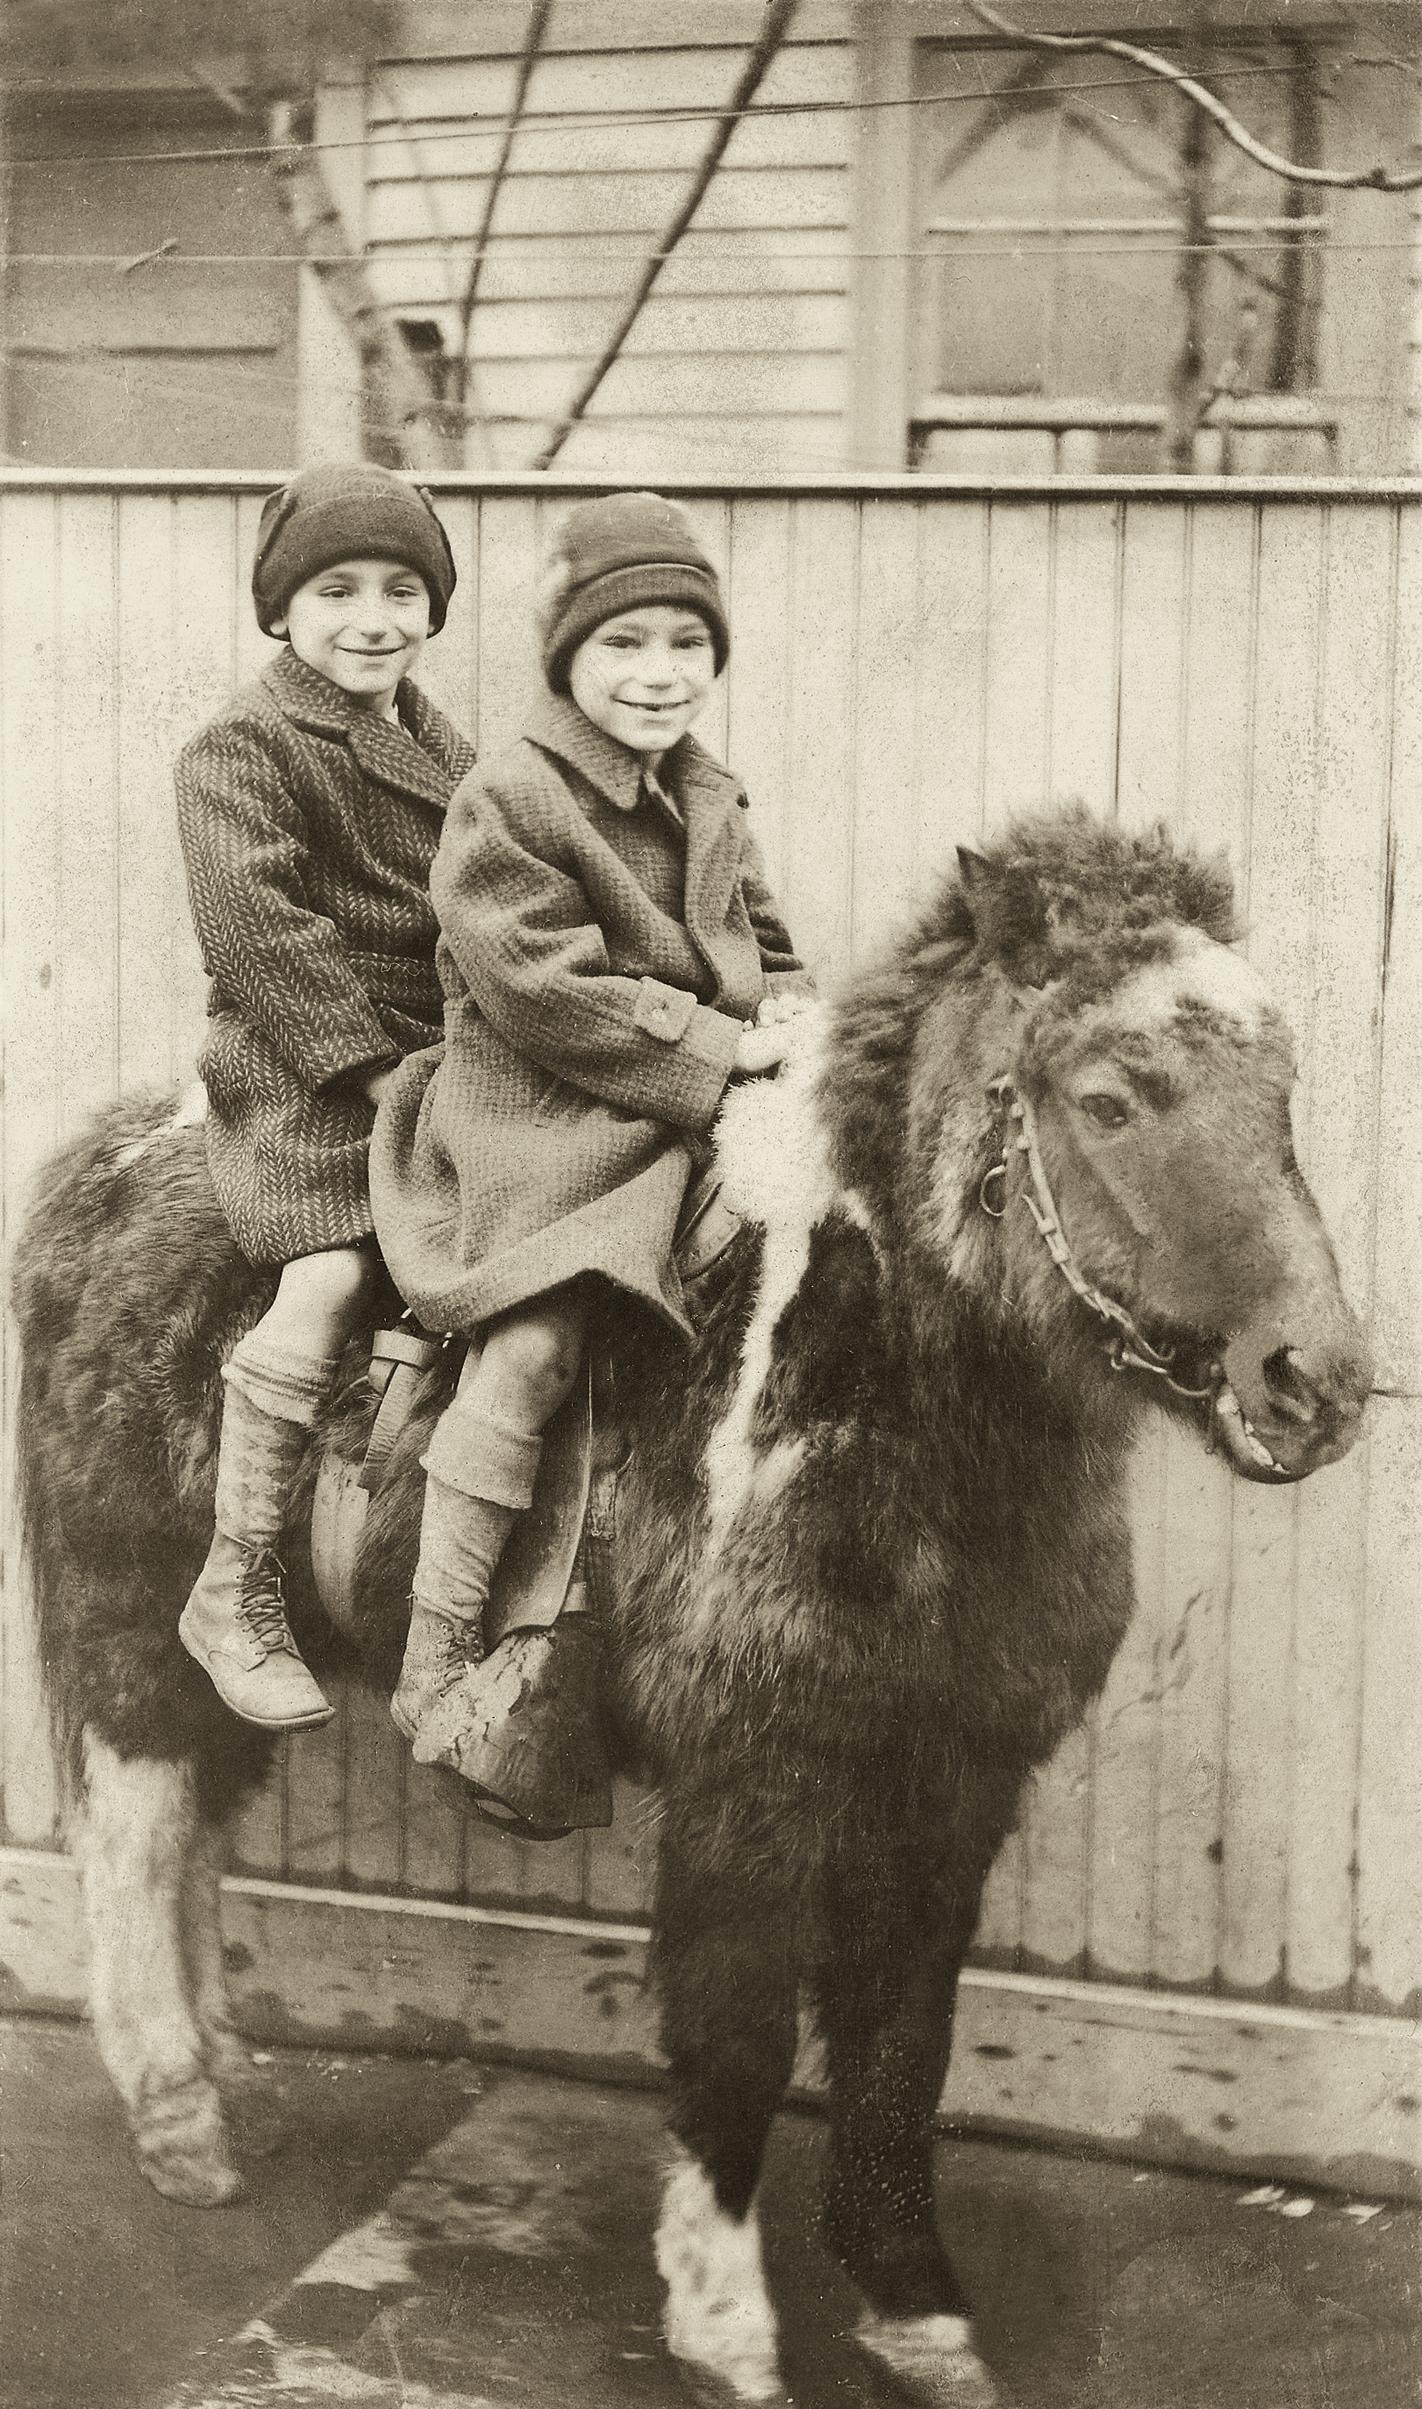 Joseph and Robert, 1938